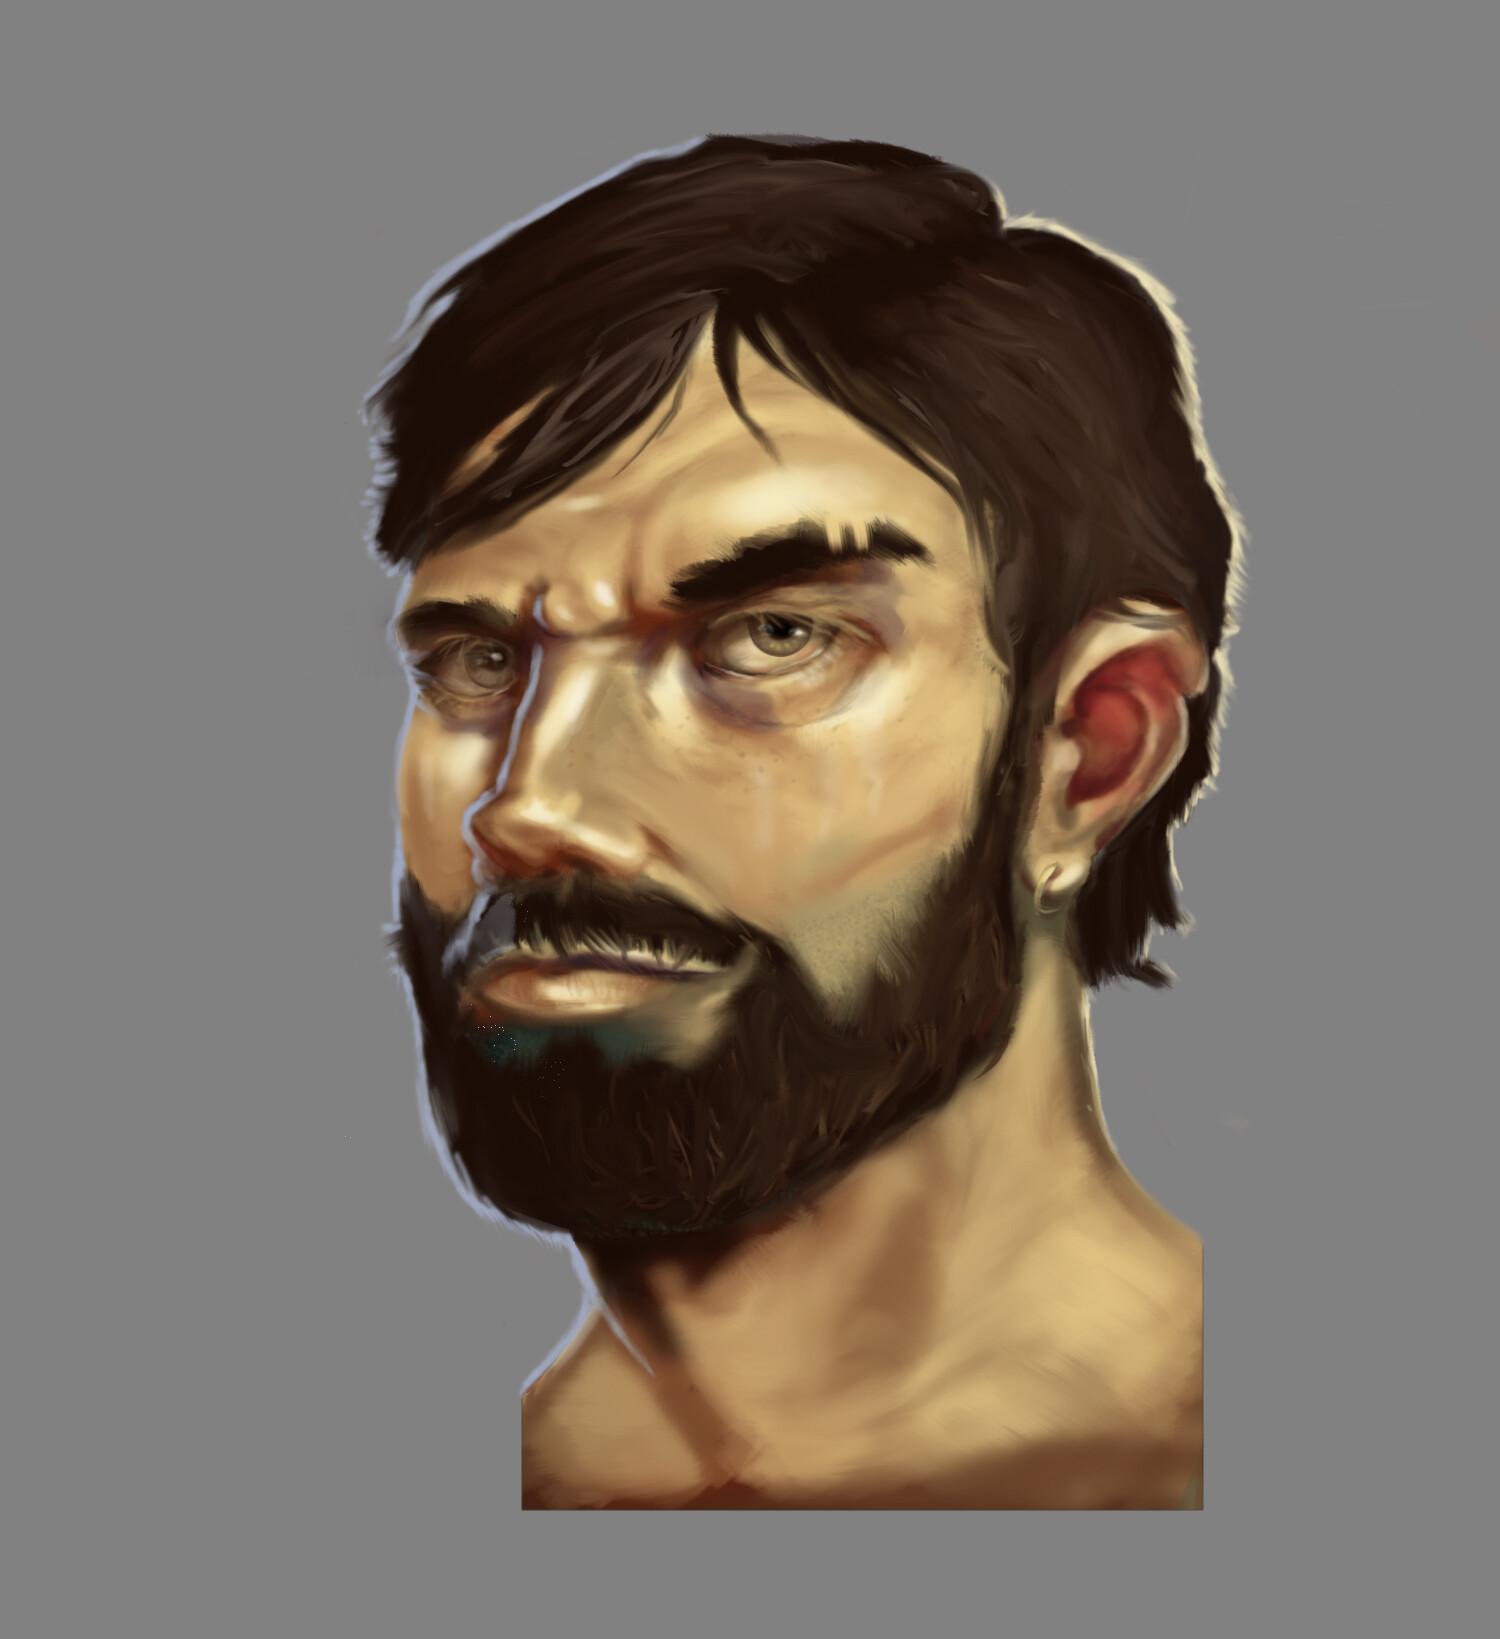 Mccal joy portrait tutorial 1